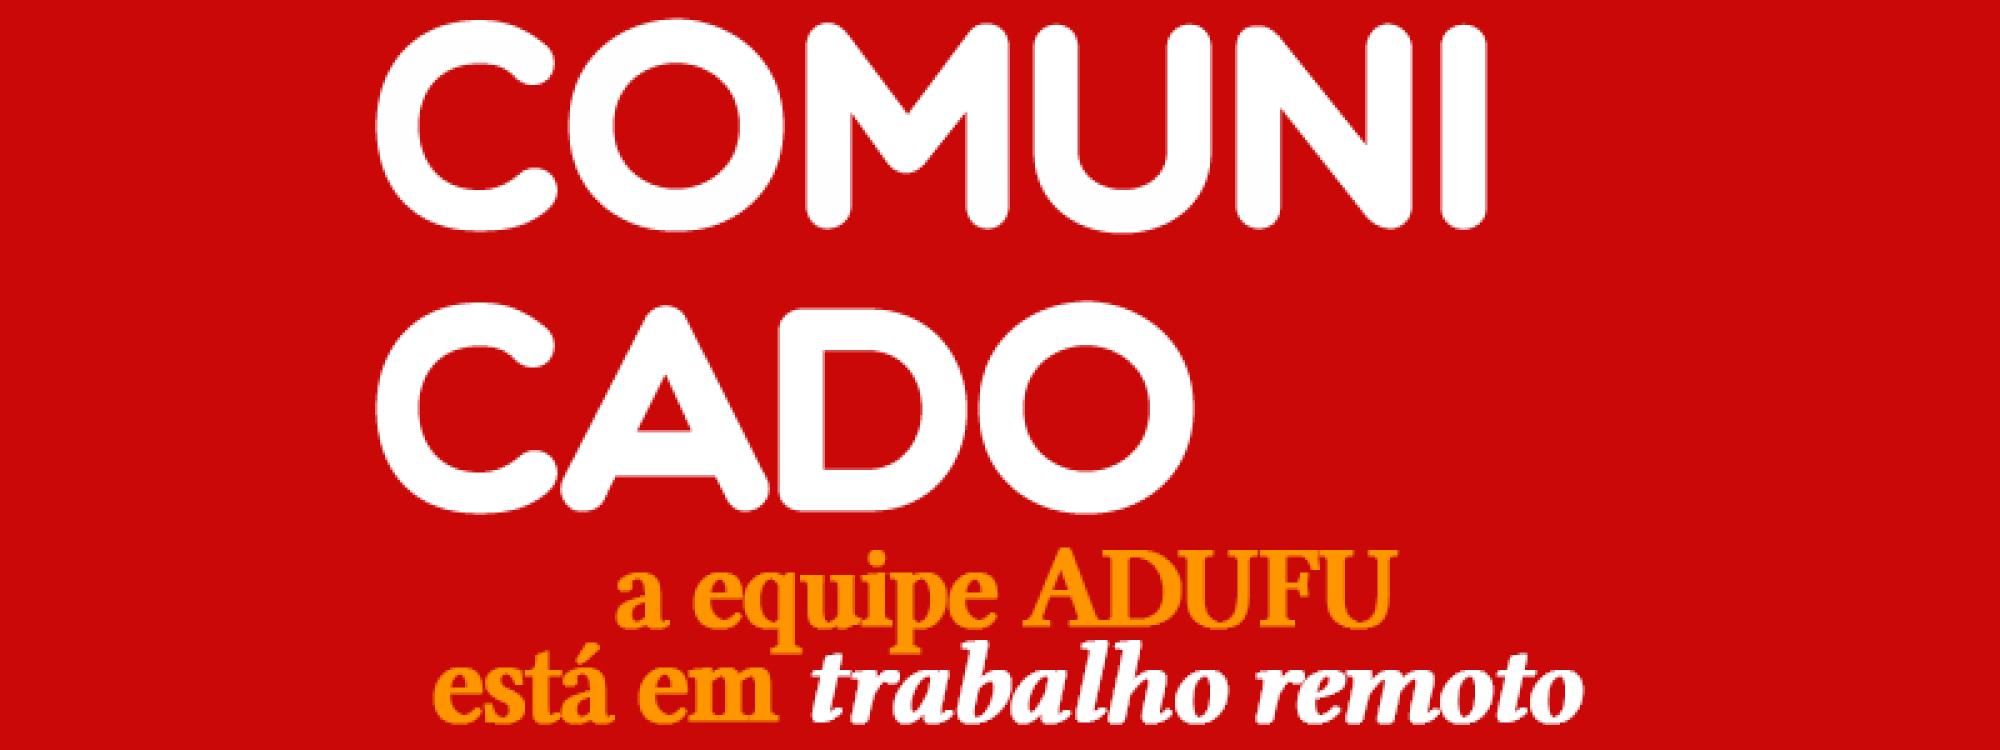 Comunicado: a equipe ADUFU está em trabalho remoto